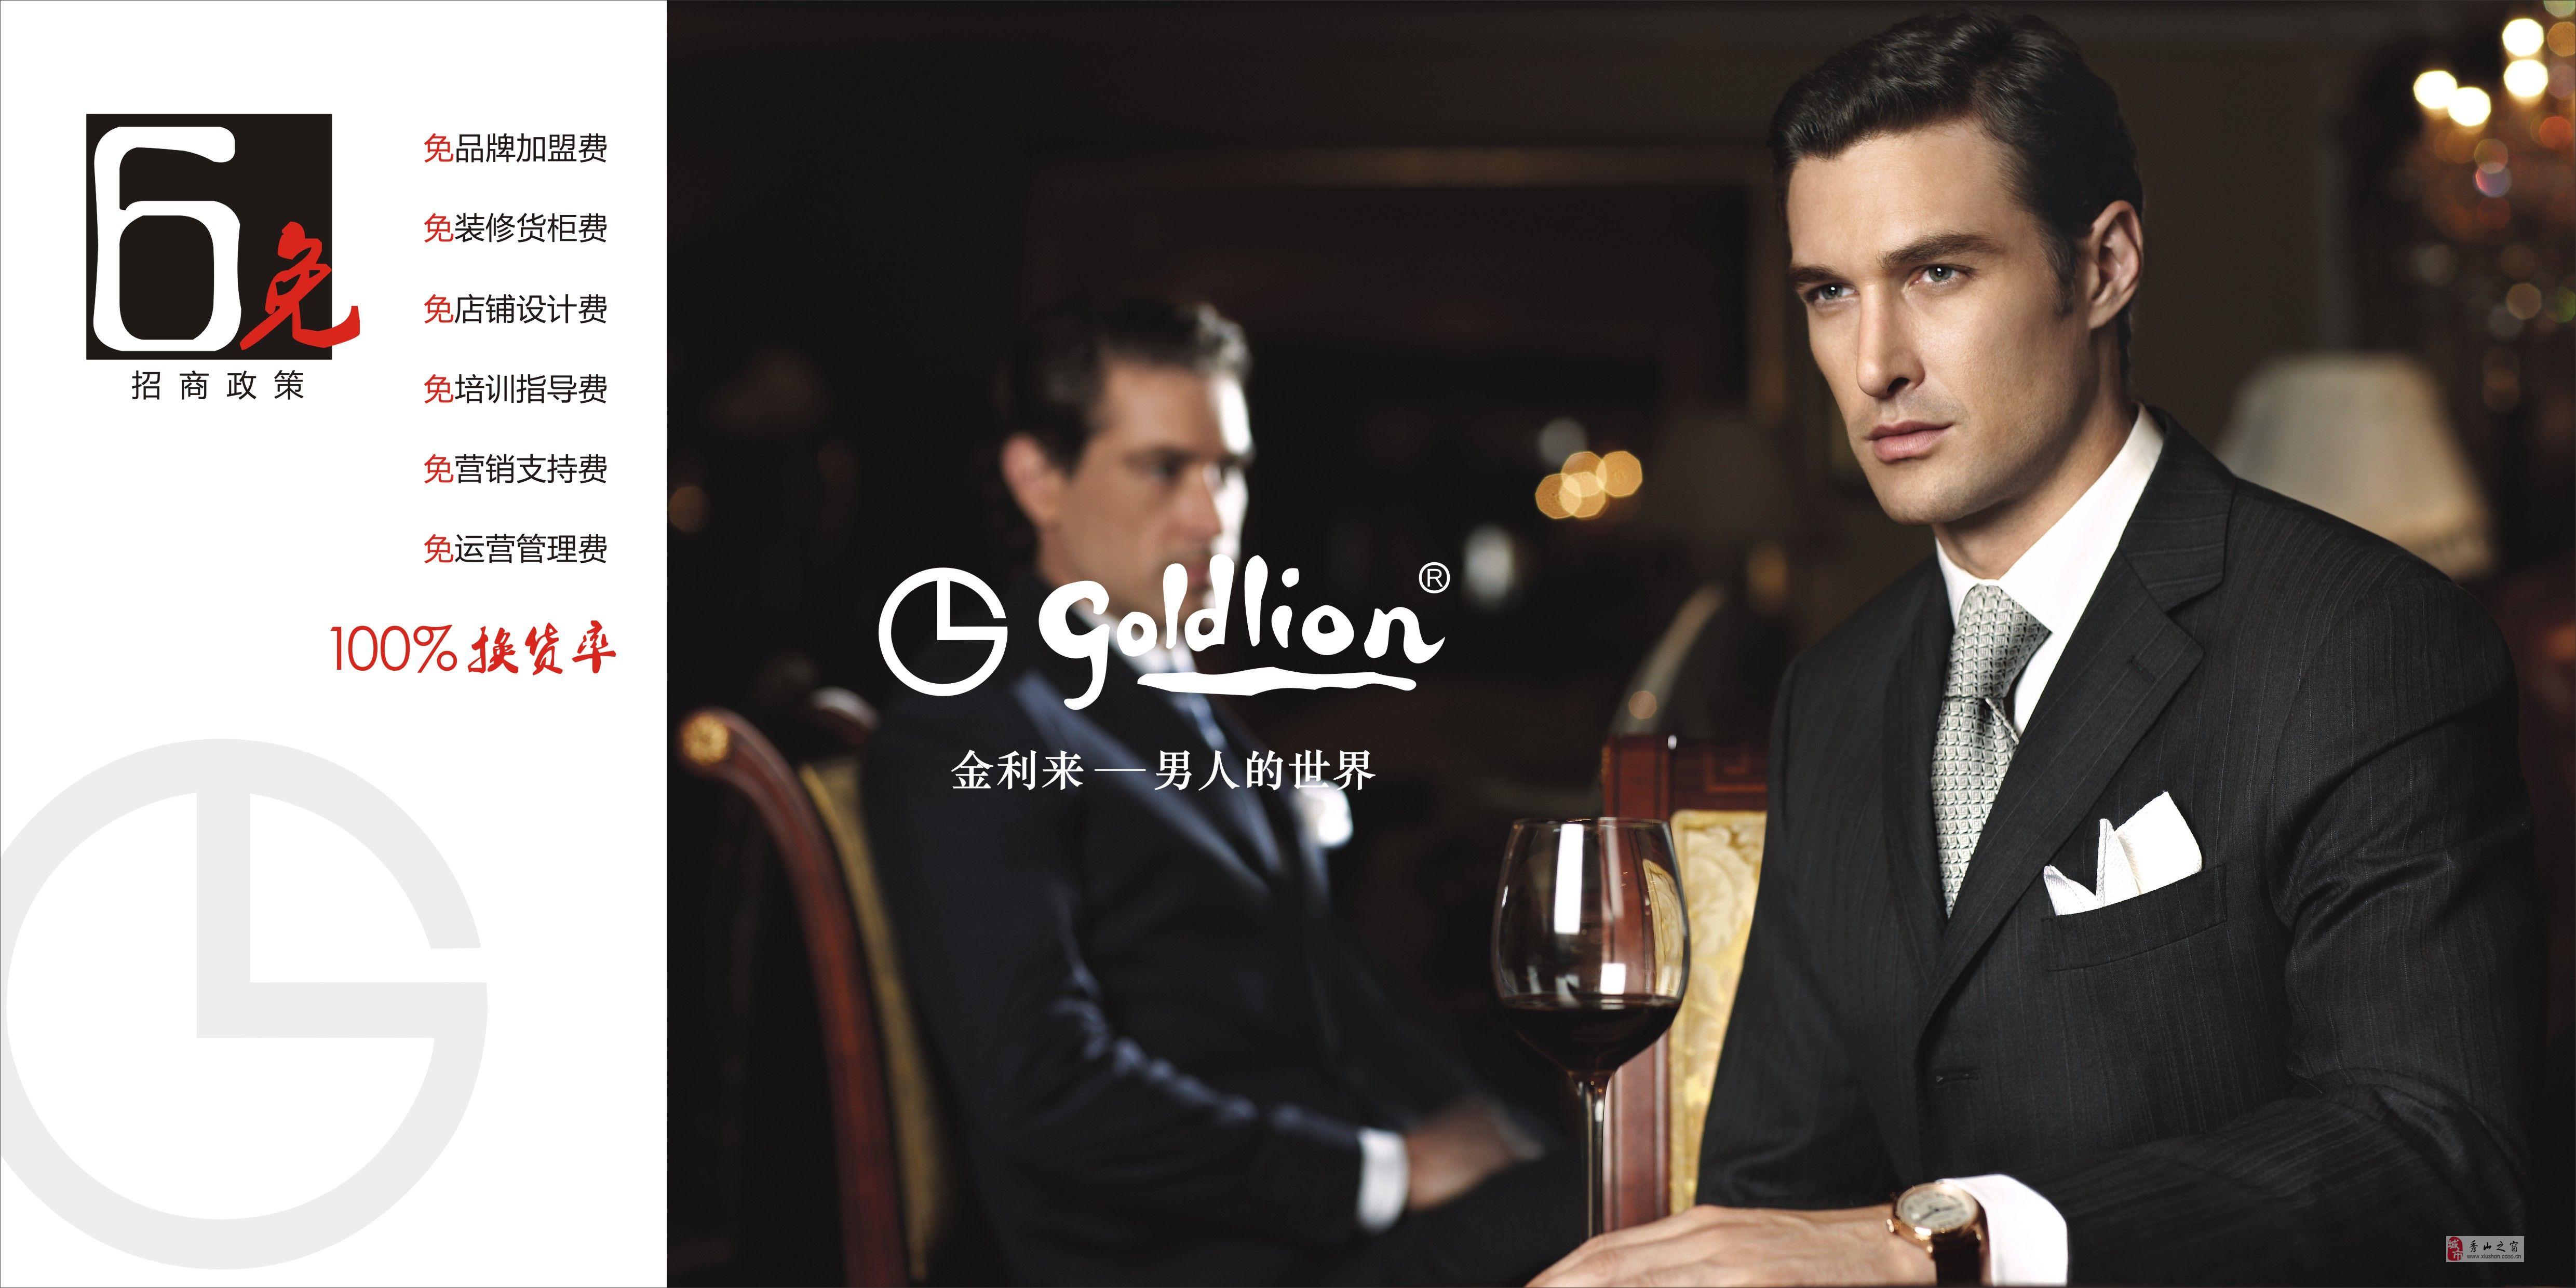 享誉全球服装广告语图片